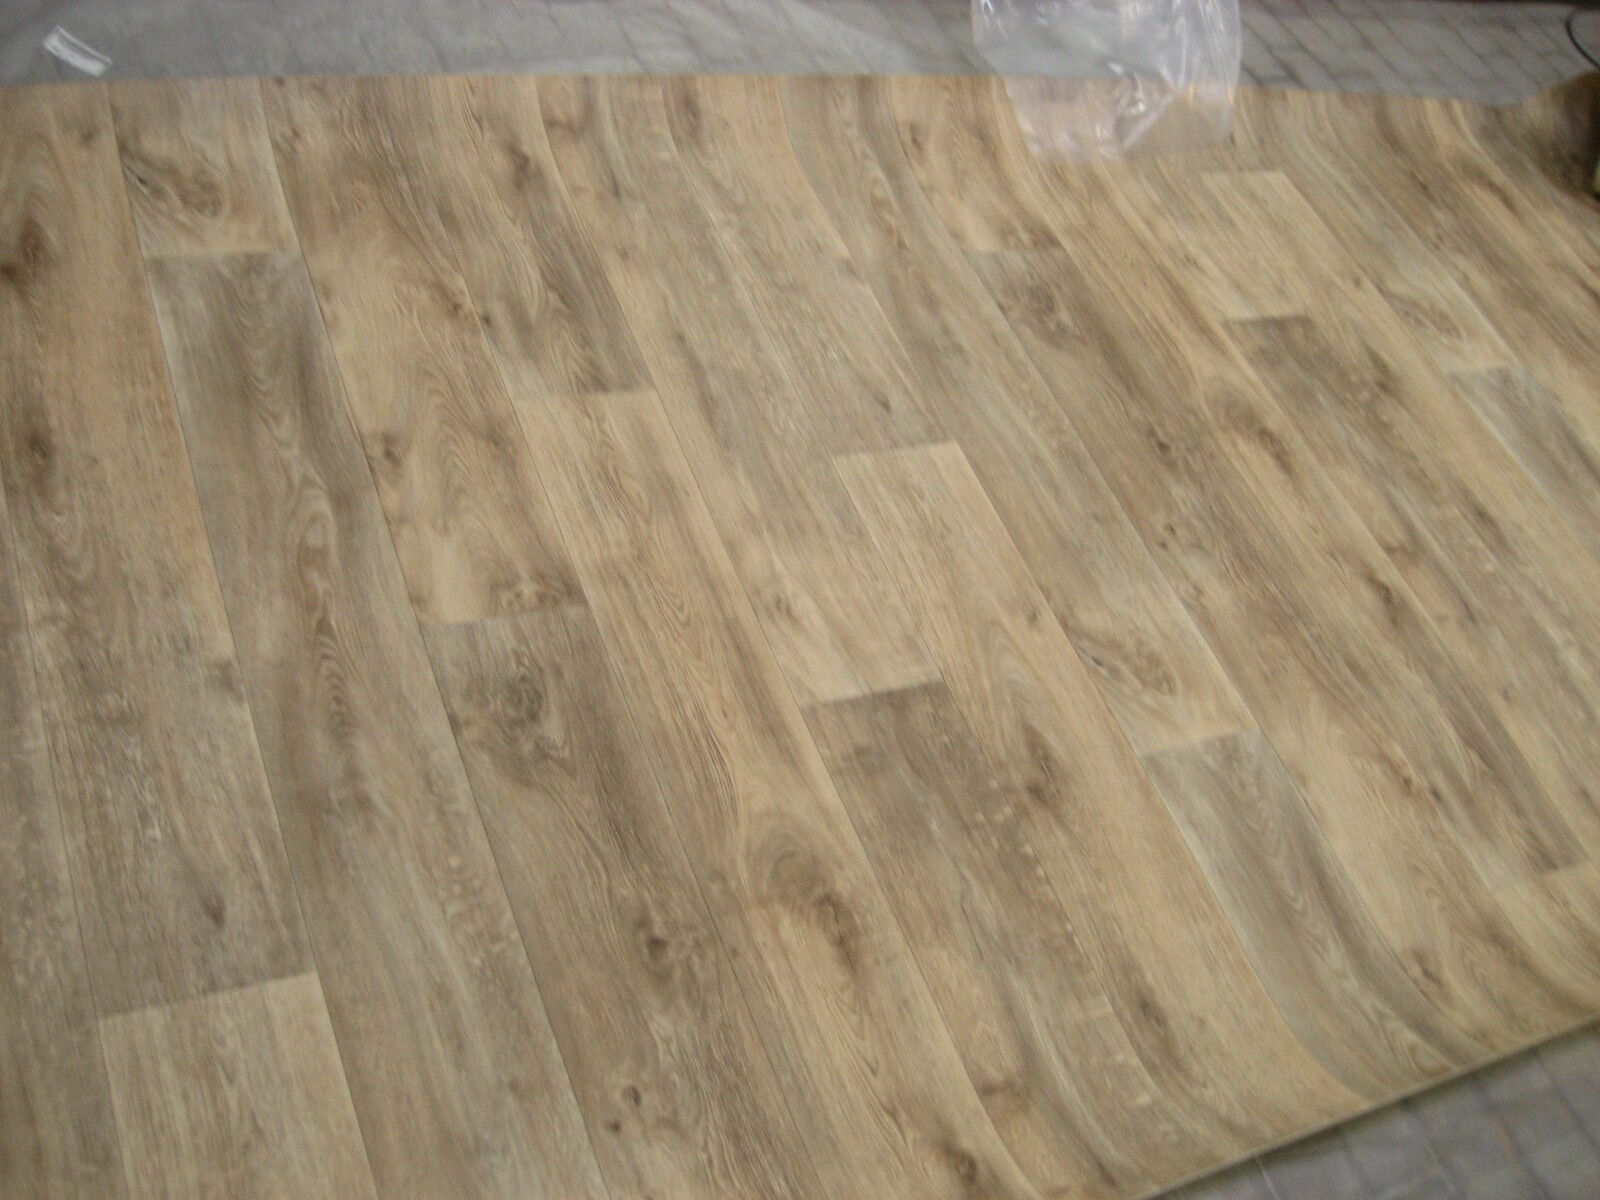 Pvc Fußboden Günstig ~ Bodenbelag günstig keller bodenbeläge wie laminat pvc teppich